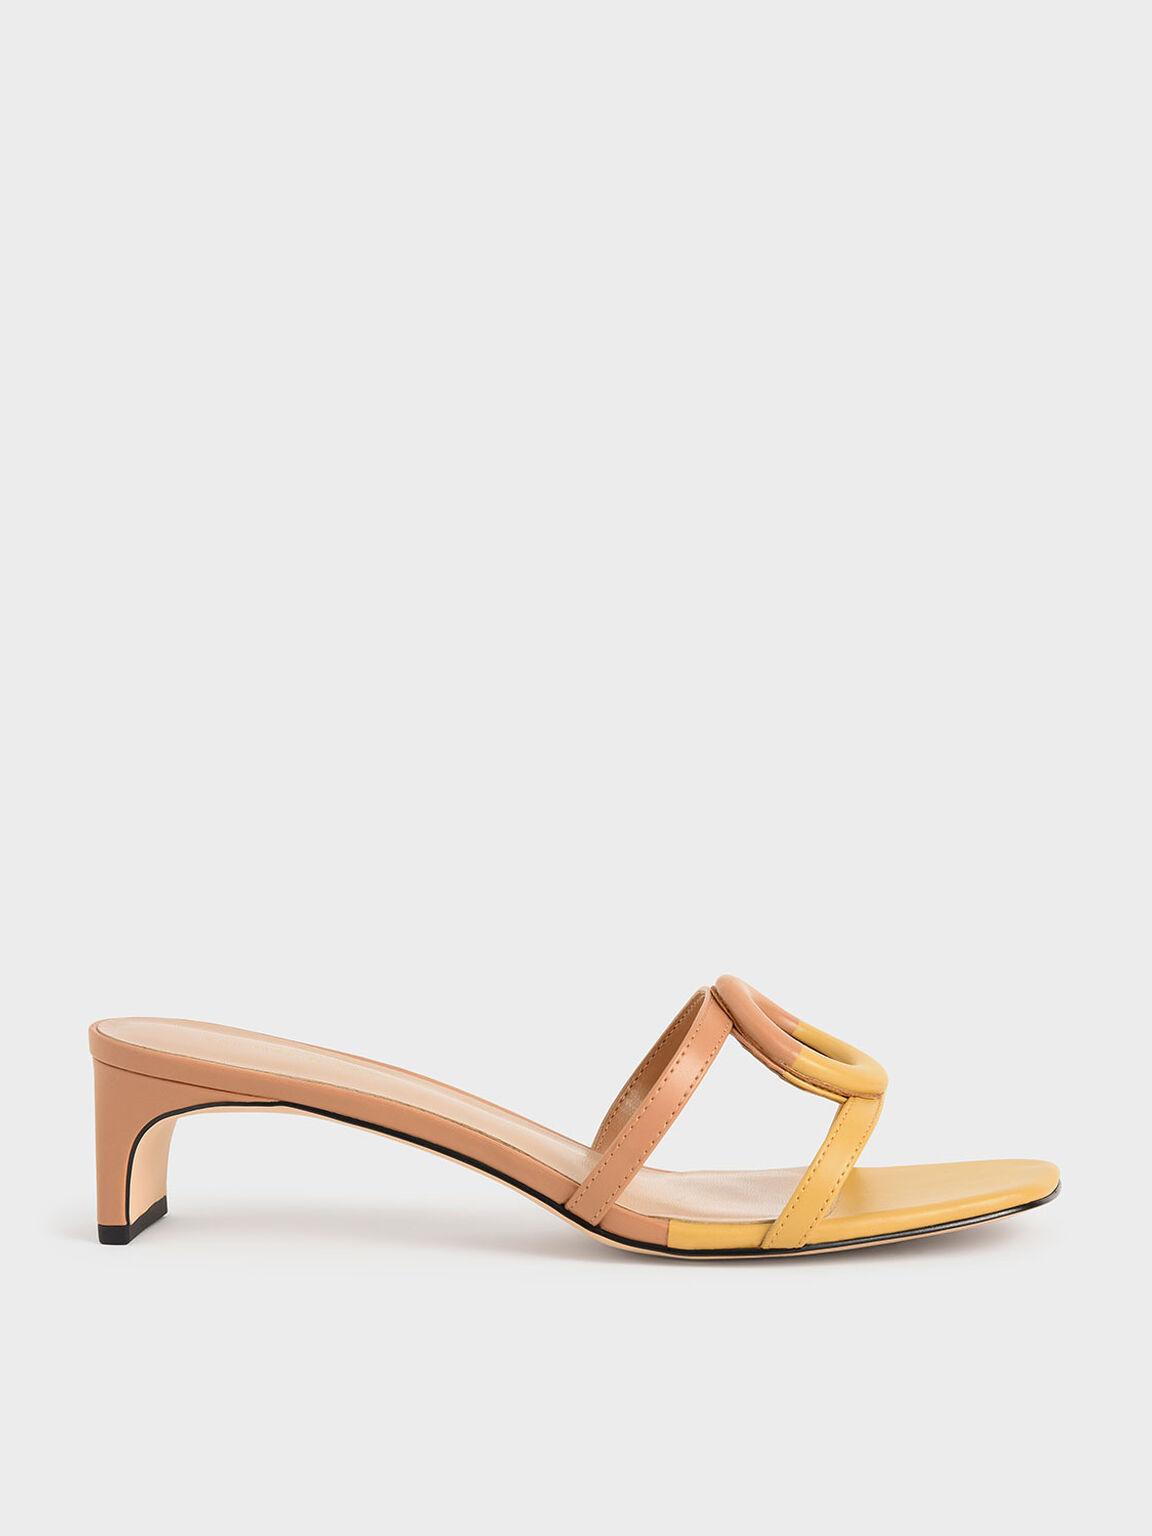 Mismatched Blade Heel Sandals, Yellow, hi-res